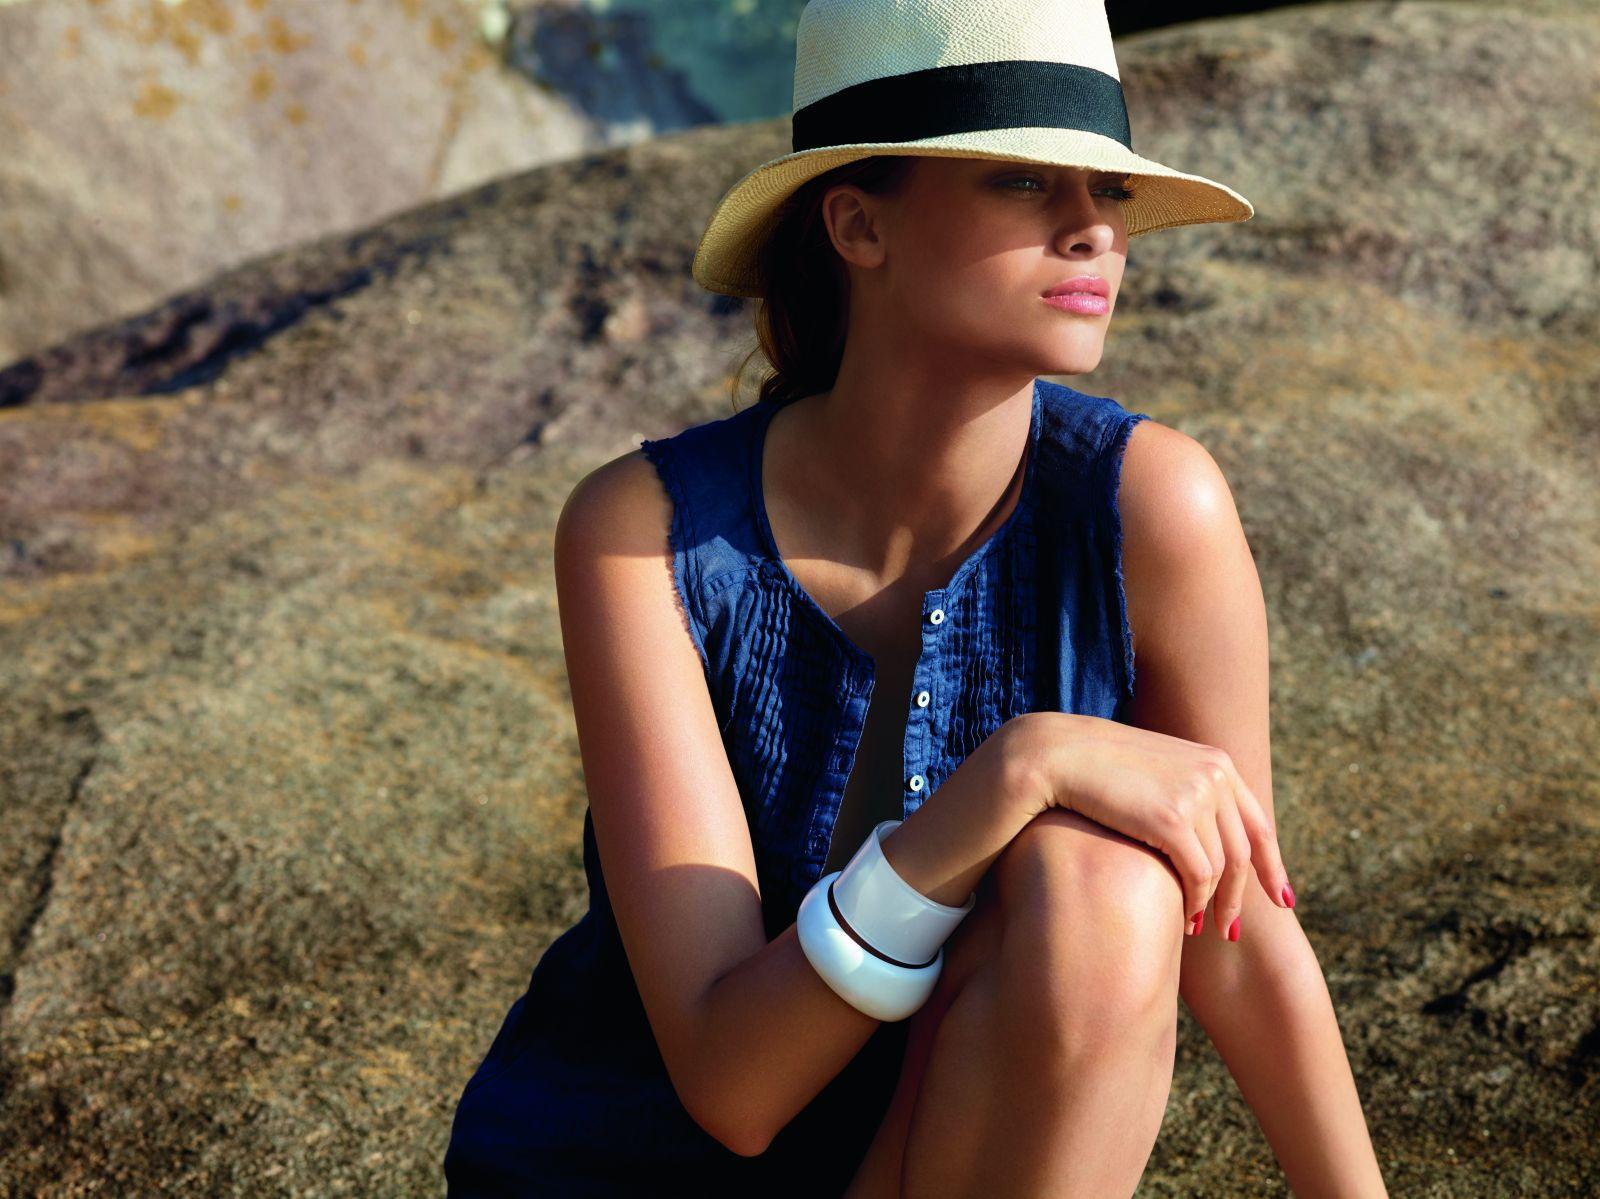 Загар без вреда: участник рейтинга Beauty Hit - Солнцезащитный спрей без белых следов SPF30